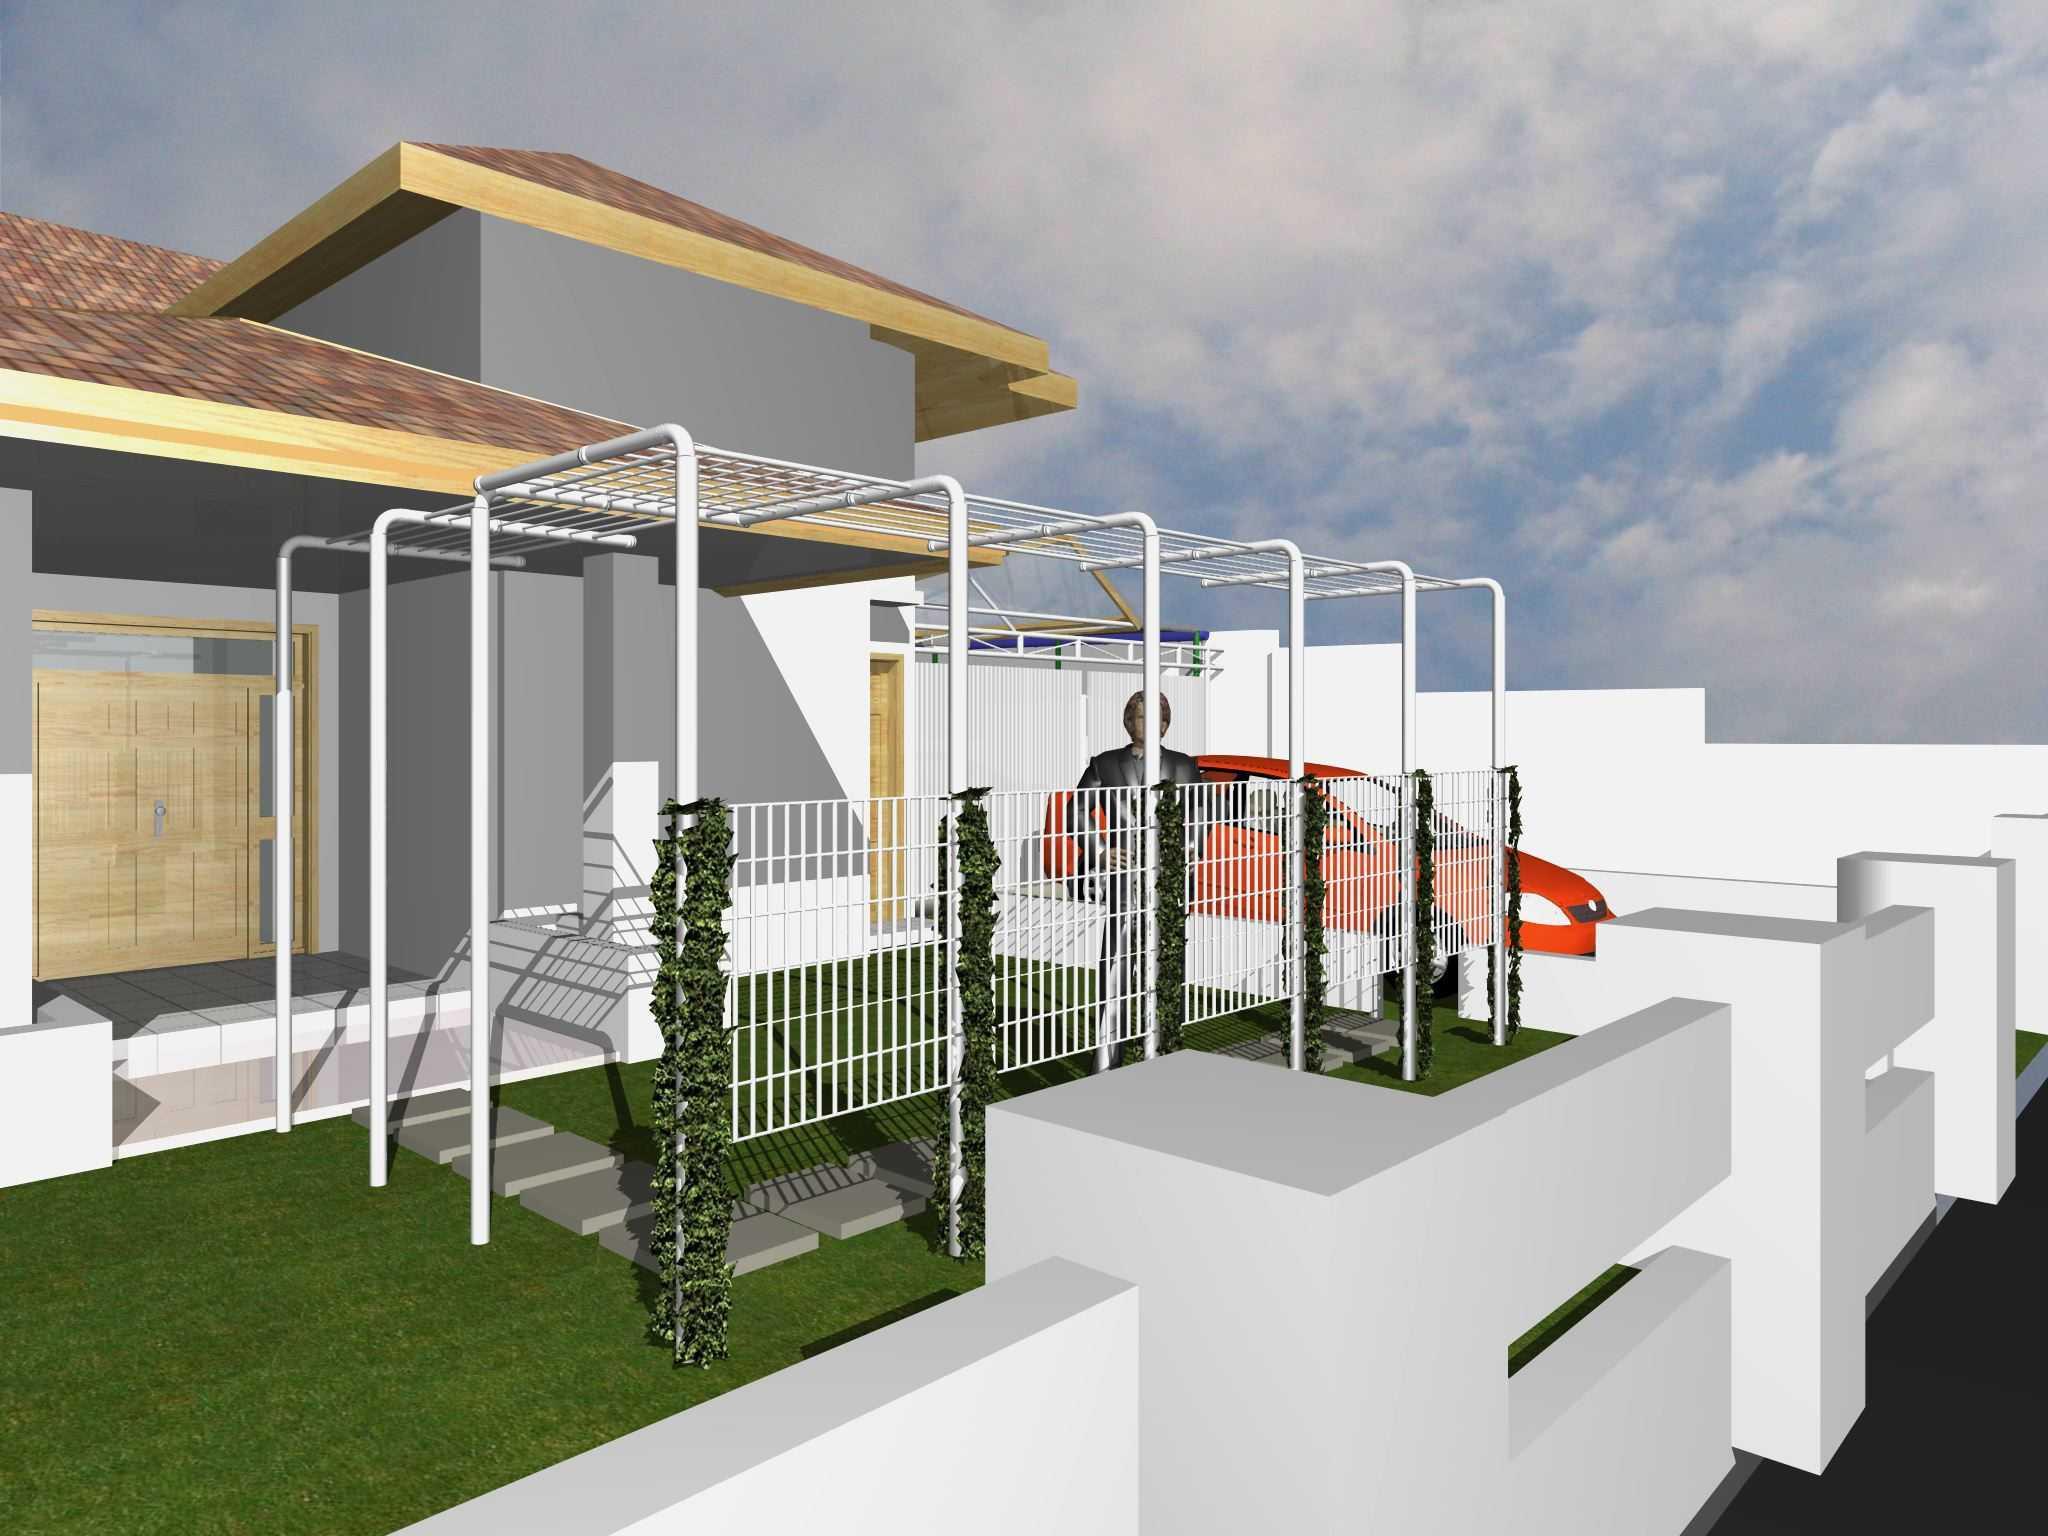 Archdesignbuild7 Project Atap Garasi Rumah Tinggal Jalan Sampoerna No 2 Bandung Jalan Sampoerna No 2 Bandung Tampak-Depan Modern  17876